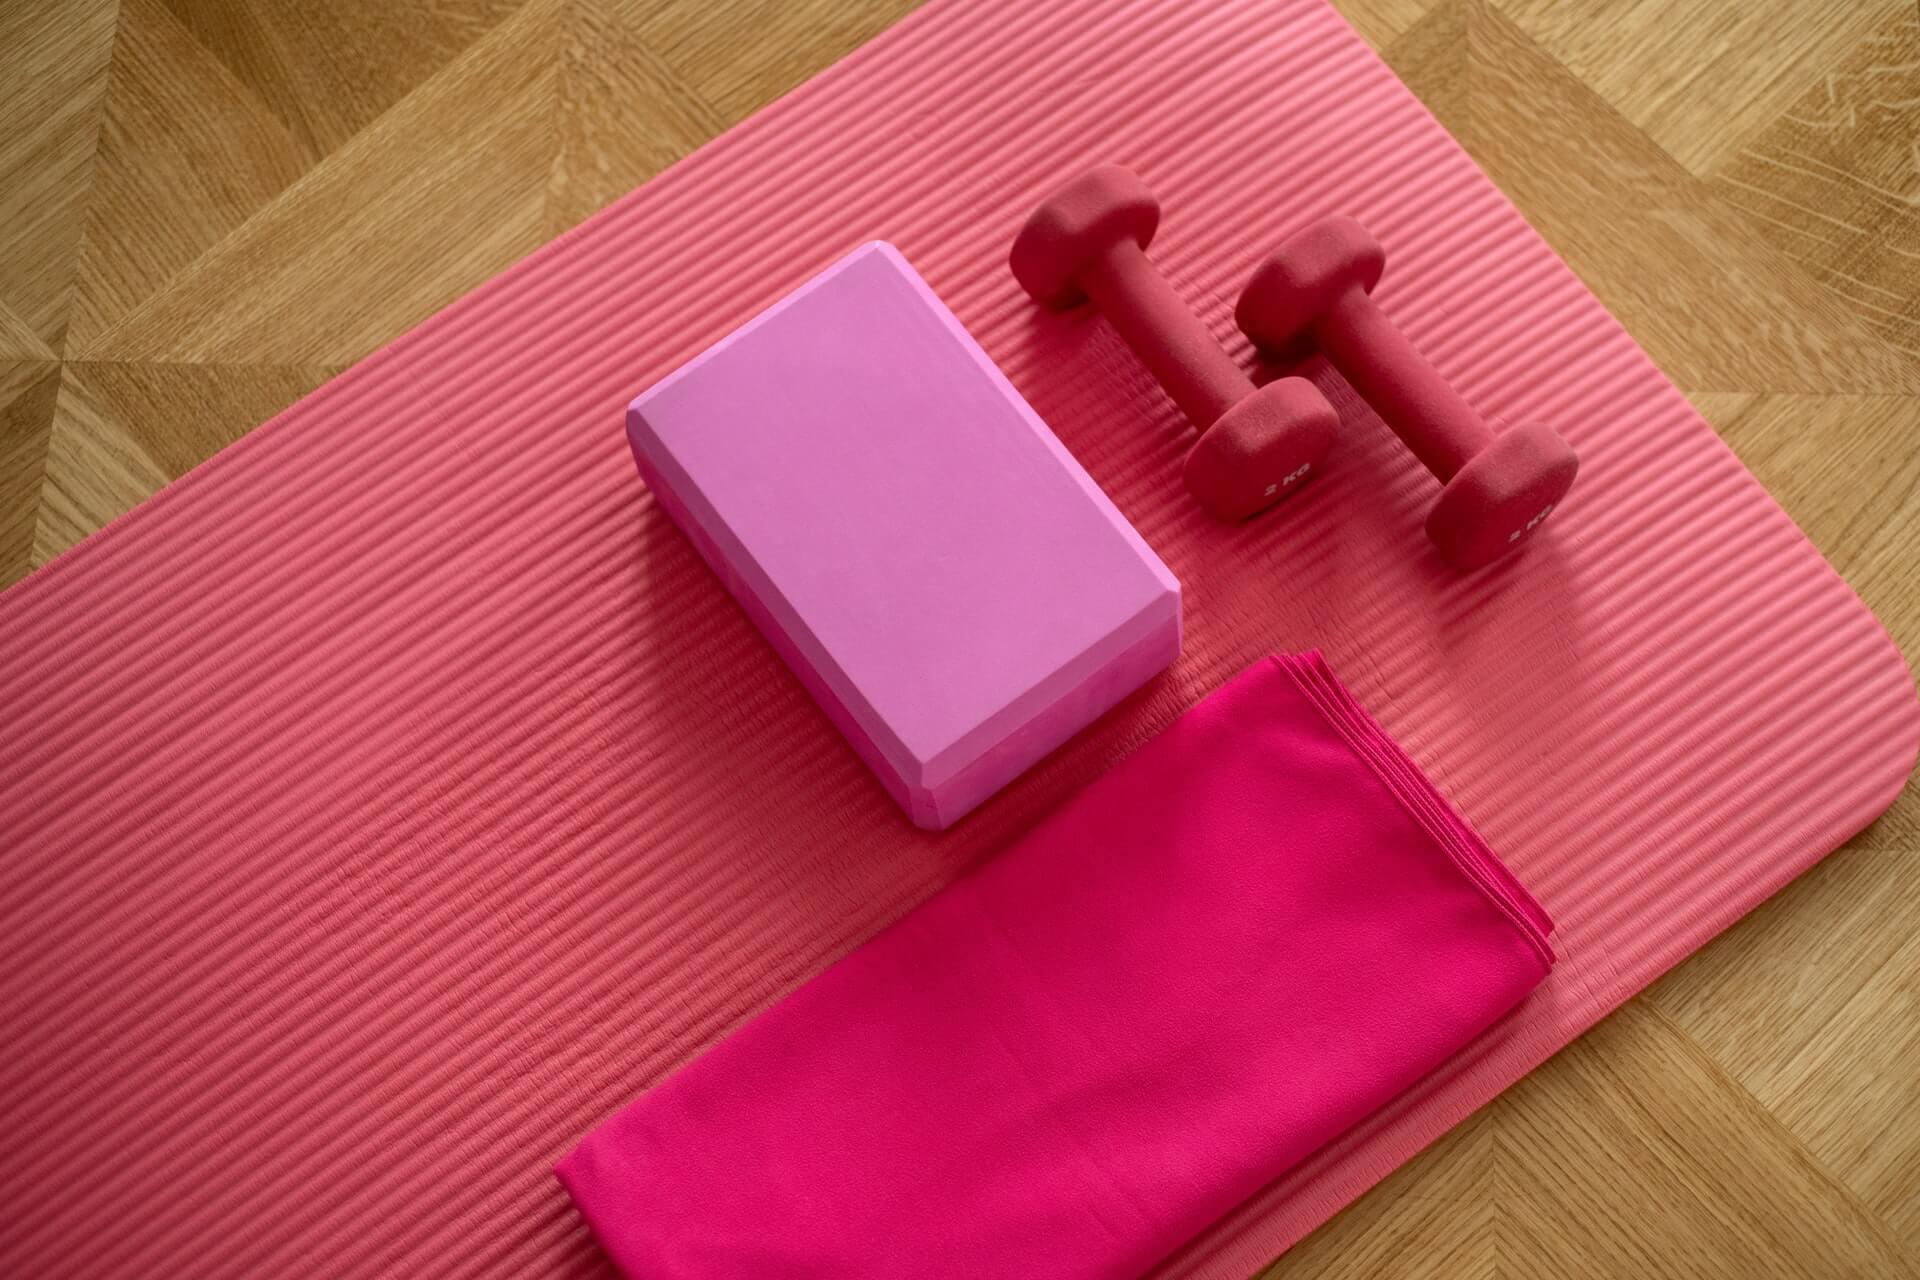 entraînement fitness your wellness corner